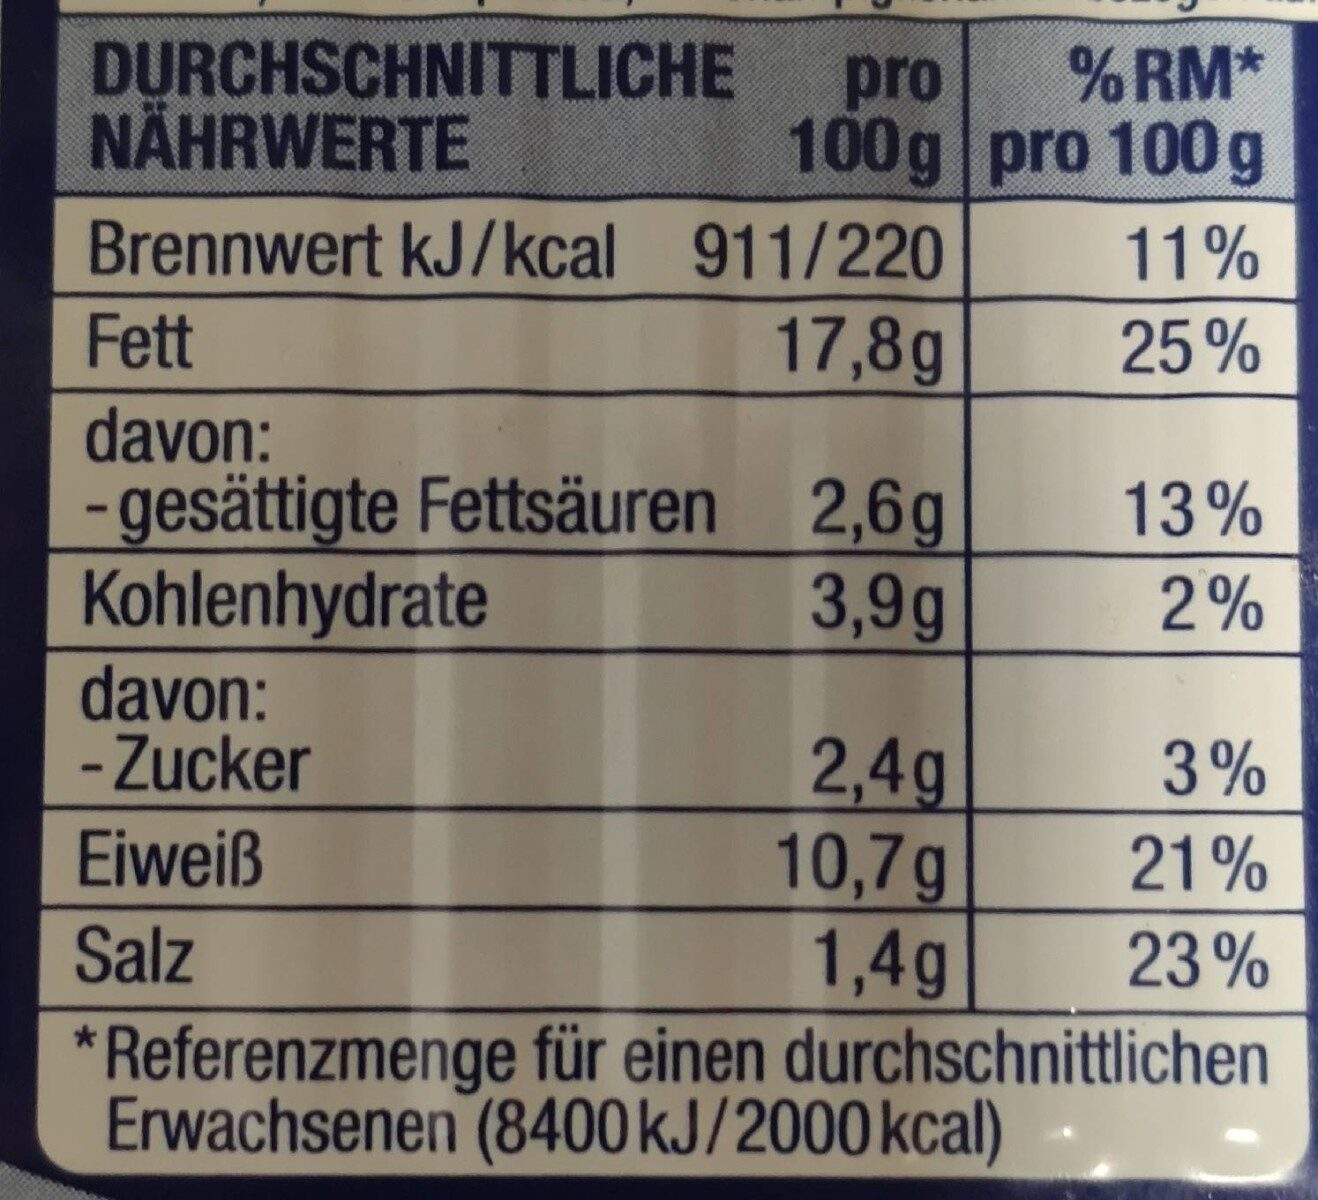 Heringsfilets in Championcreme - Valori nutrizionali - de